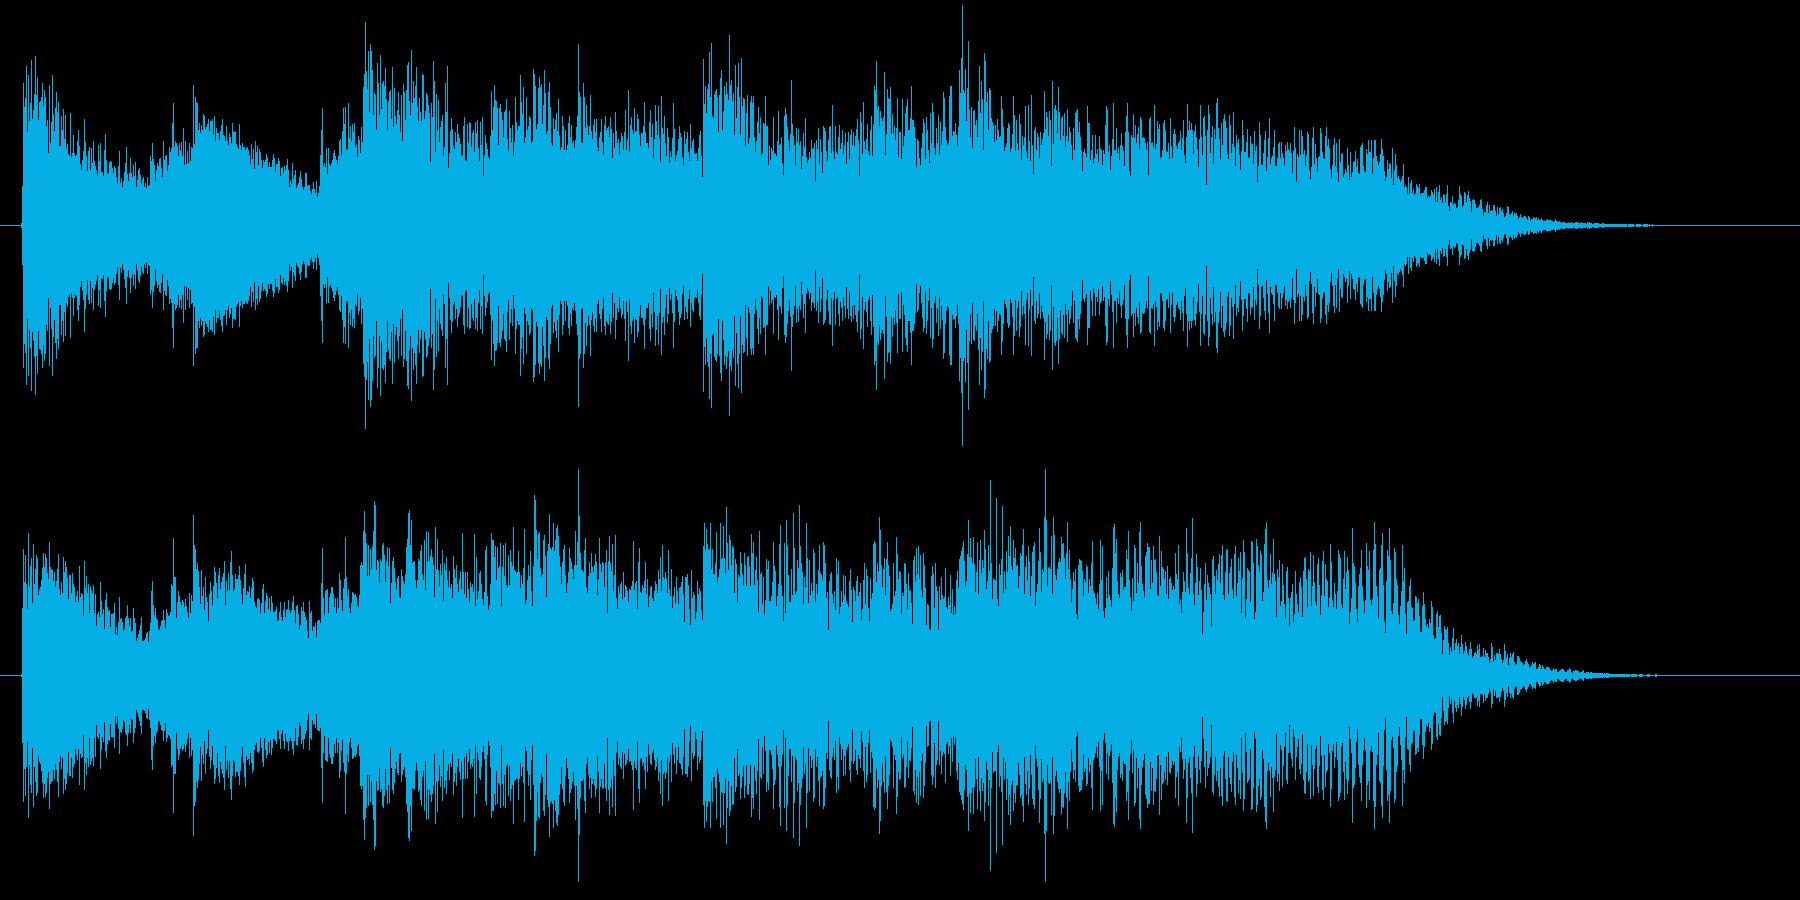 始まりや終わりを感じるピアノジングルの再生済みの波形